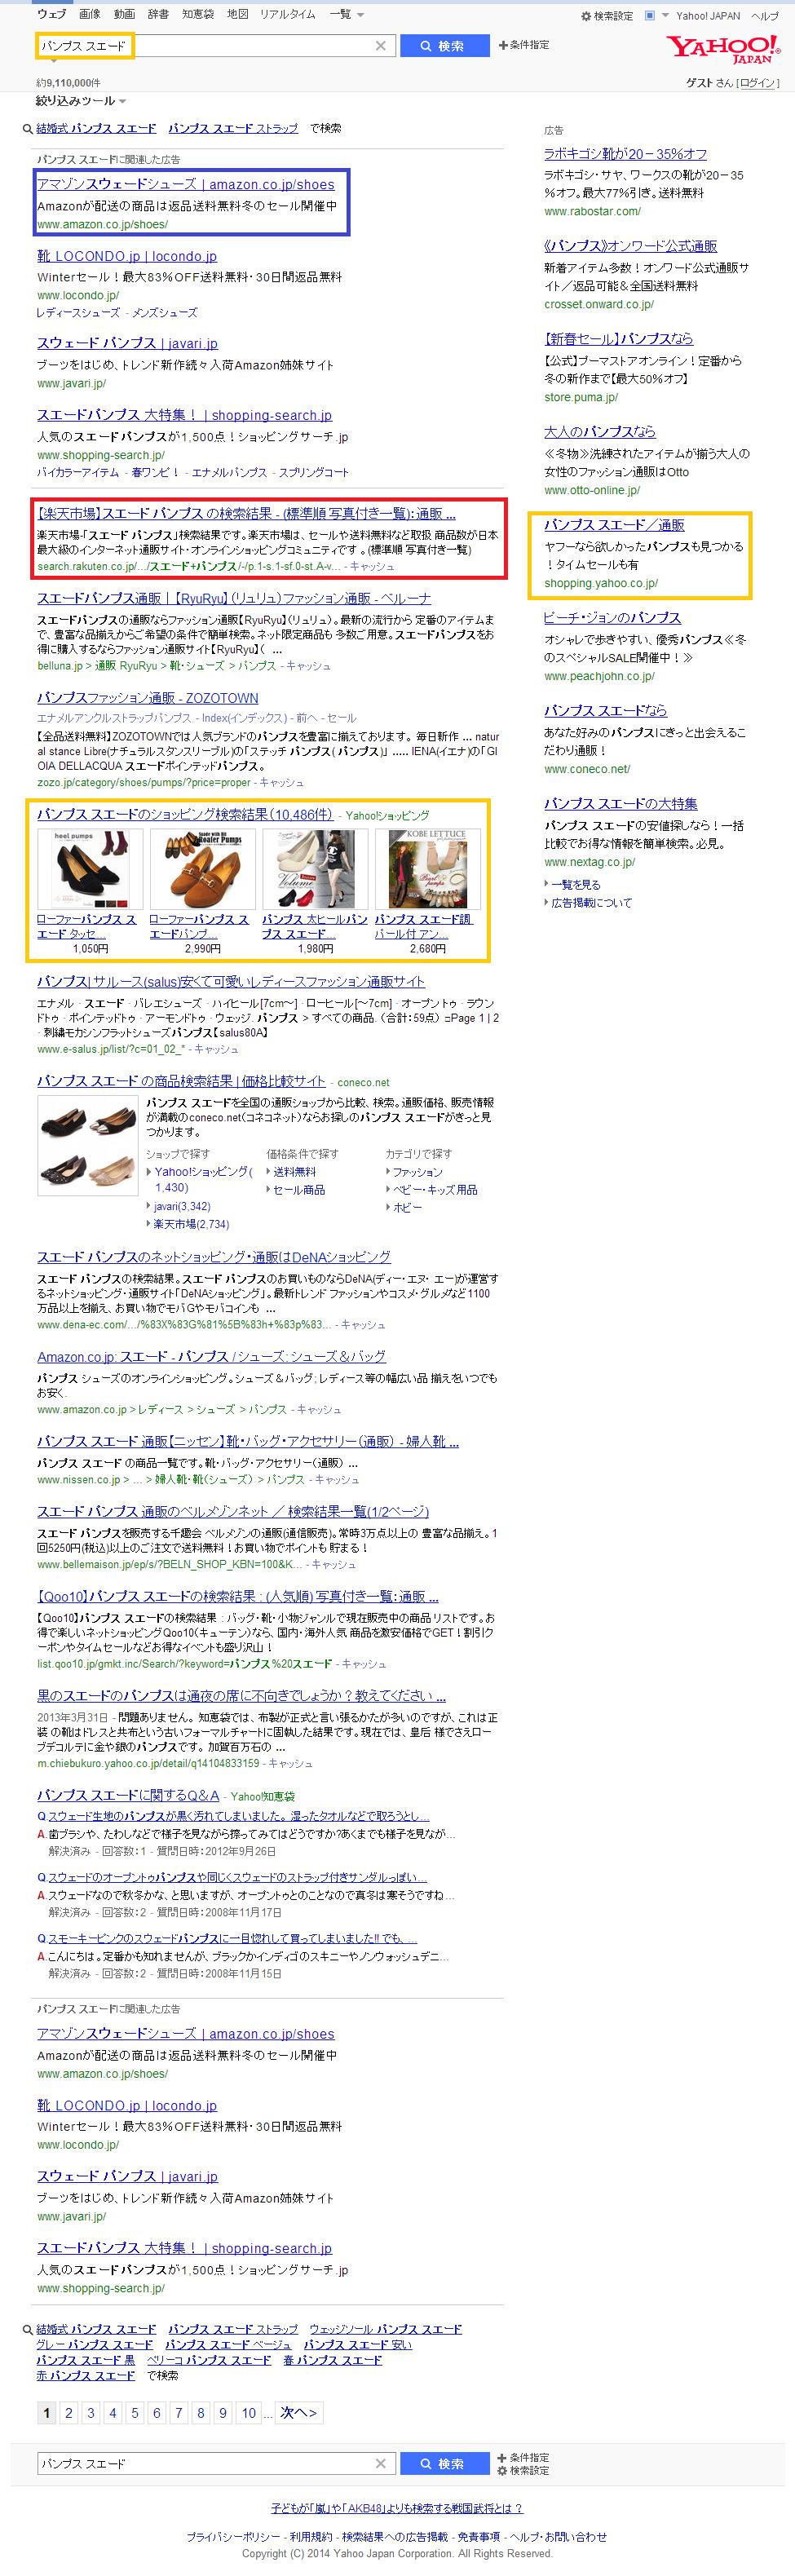 「パンプス スエード」の検索結果   Yahoo 検索_1_11_2014.png